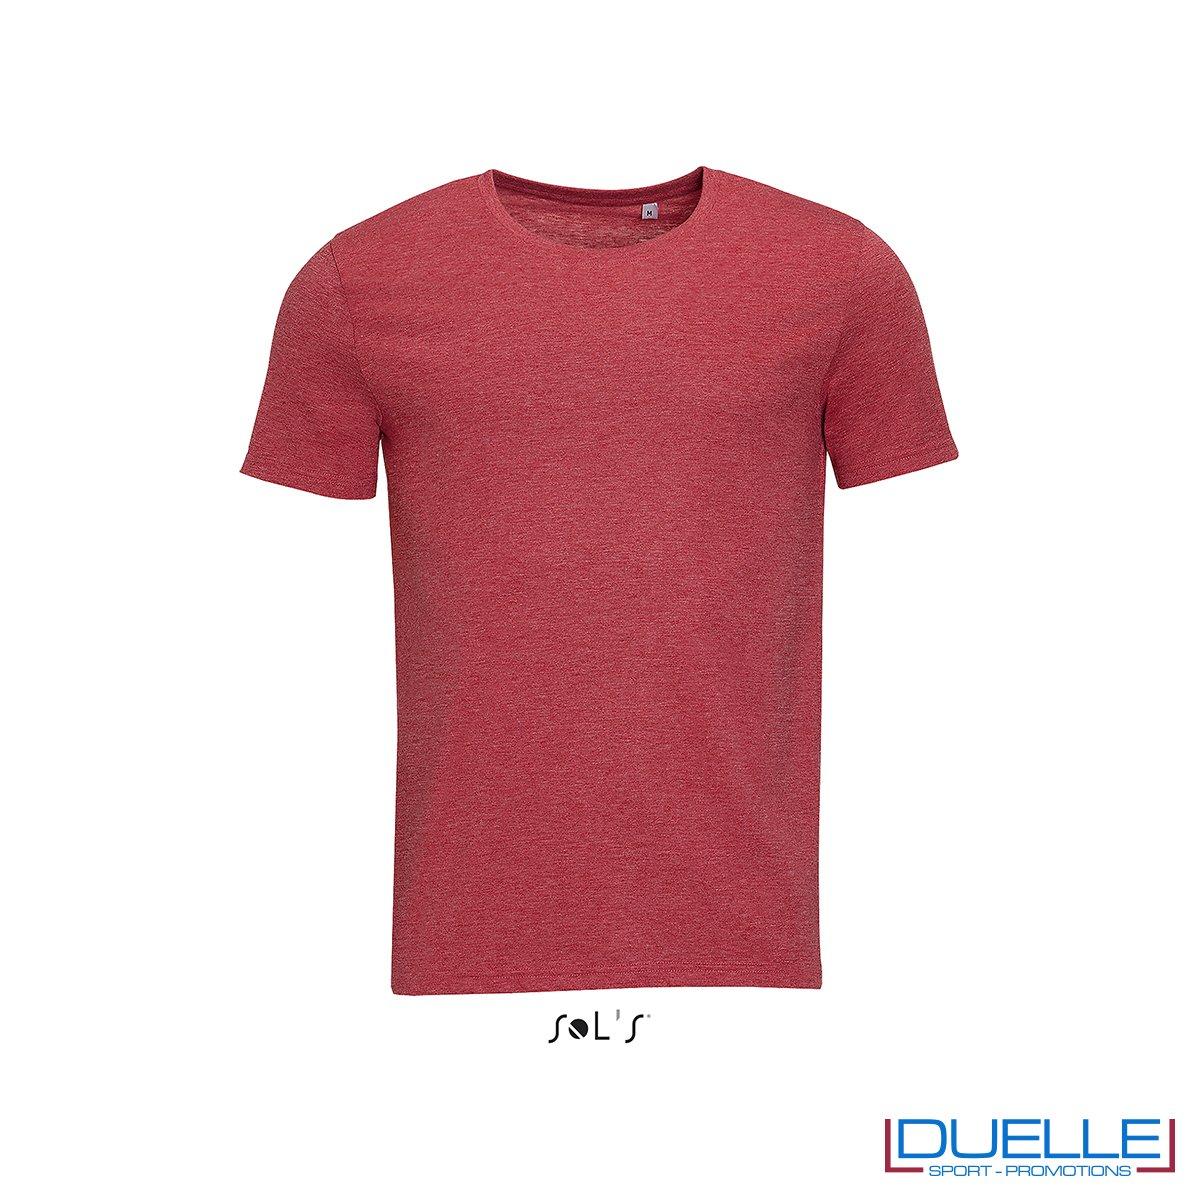 t-shirt personalizzata con tessuto melange in colore rosso, abbigliamento promozionale personalizzato